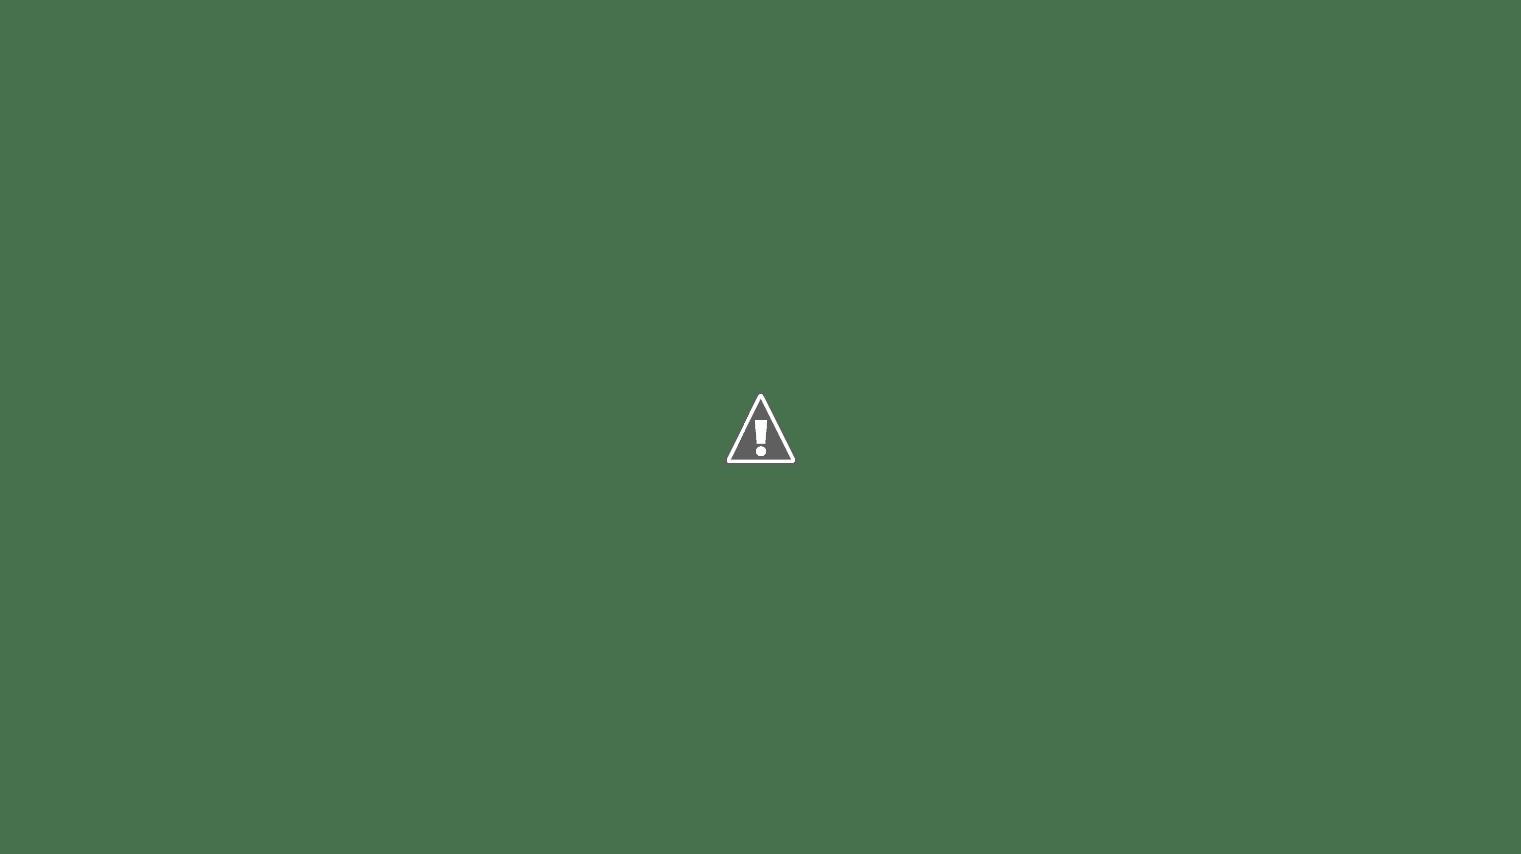 Bàn làm việc và chân đế của máy khoan bàn ZWB4116